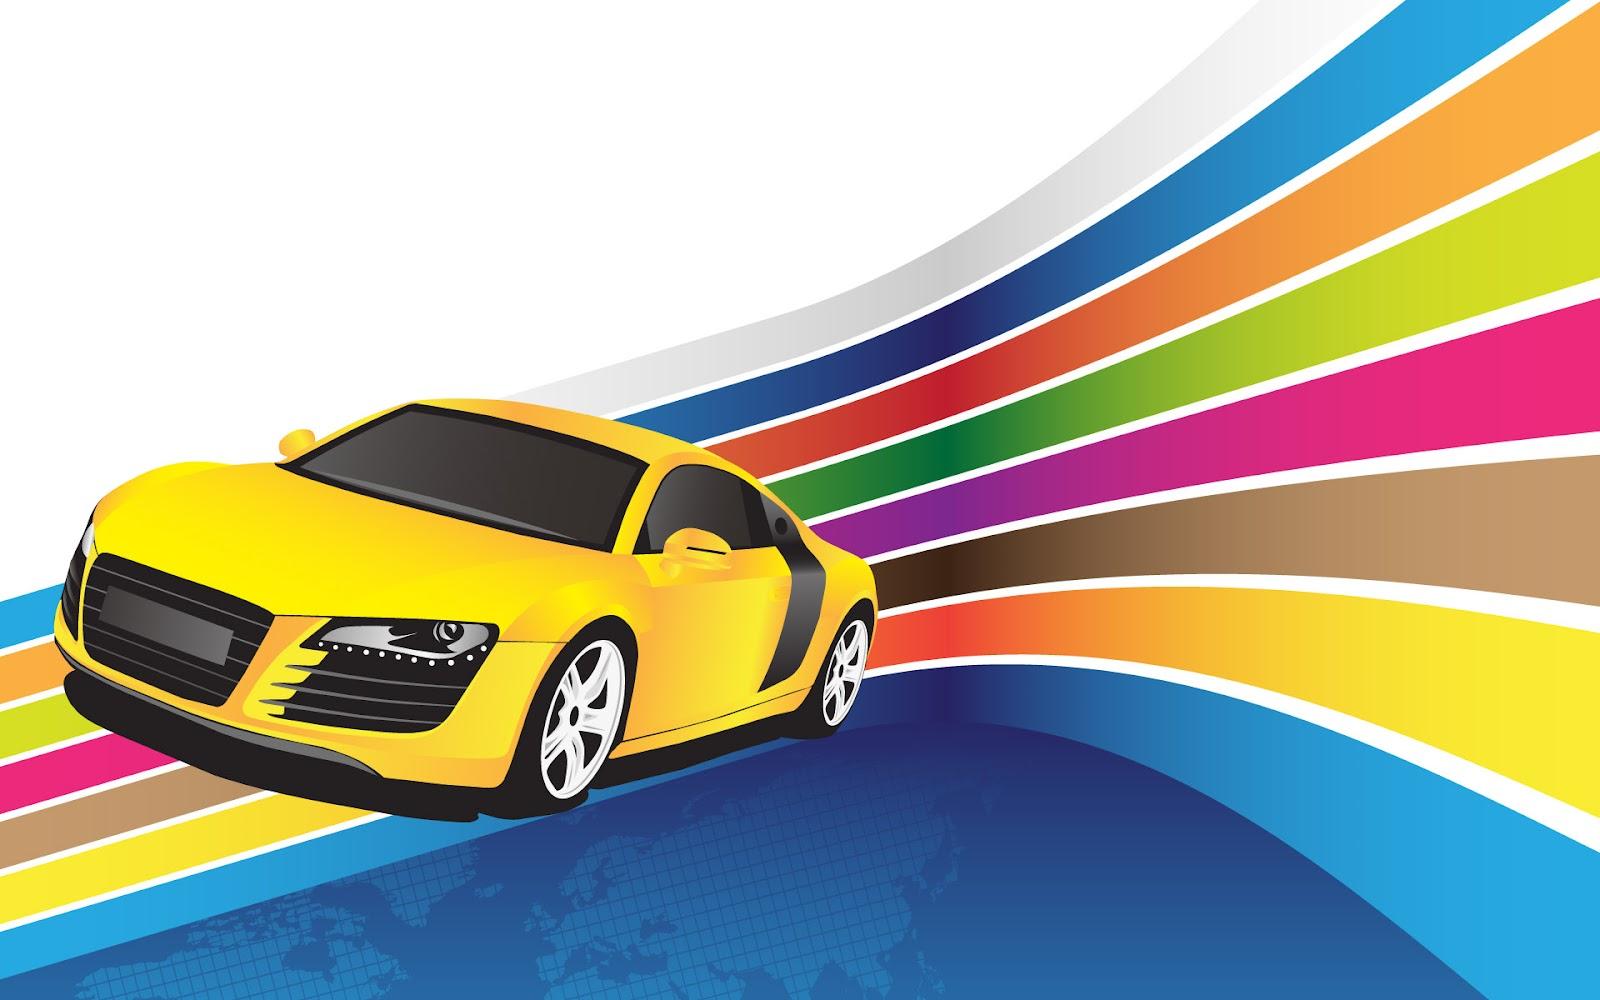 Wallpaper cars cartoon wallpapersafari - Car racing wallpaper free download ...